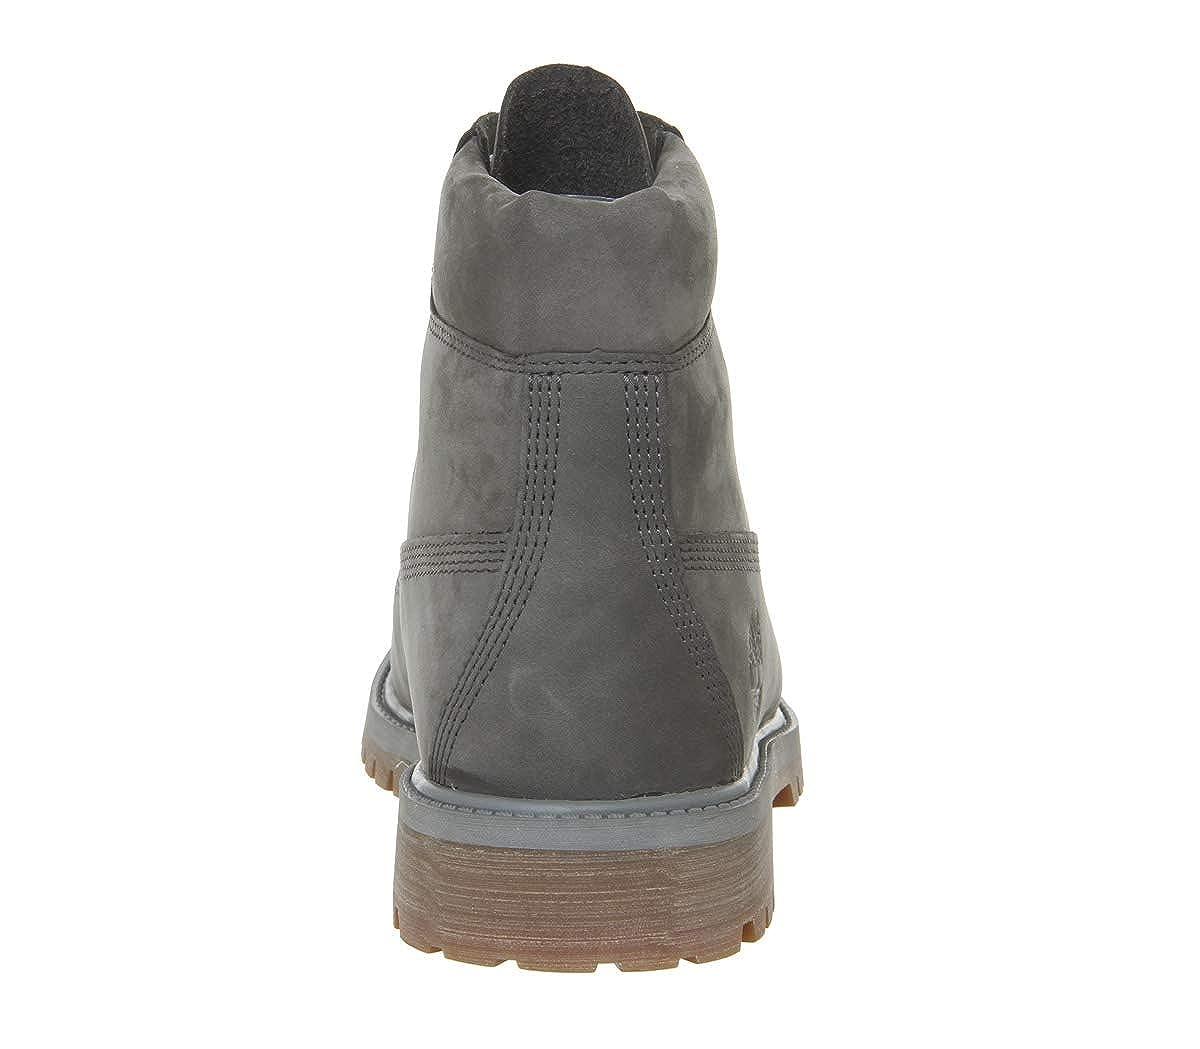 773b883b77 Schuhe & Handtaschen Unisex-Kinder Stiefel Timerbland 14949 Jungen Timberland  6 In Classic Boot FTC_6 In Premium ...